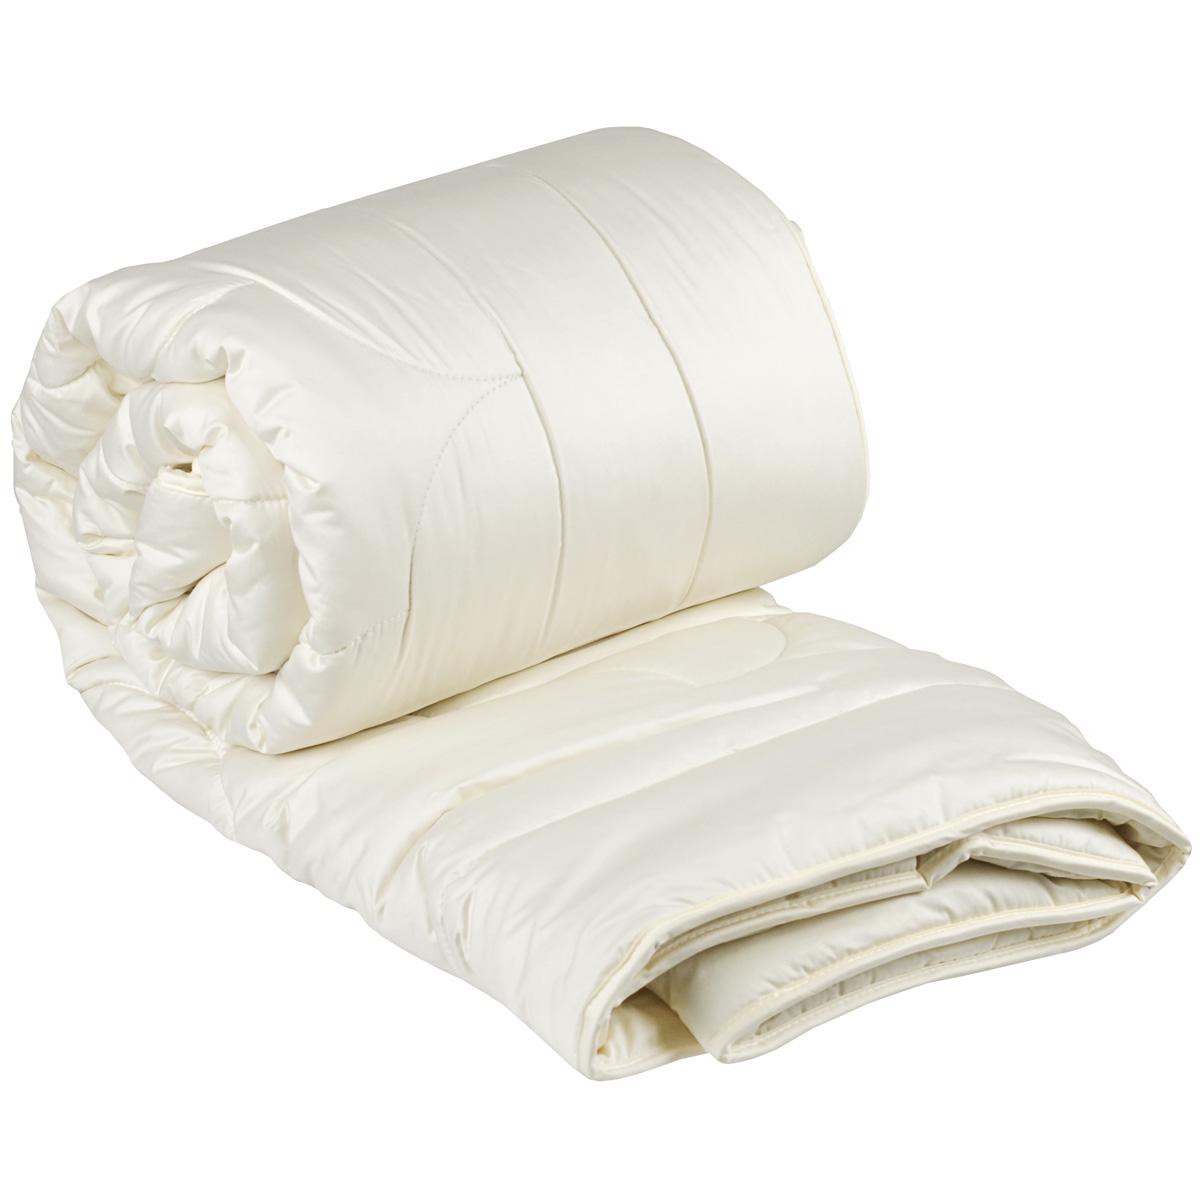 Одеяло Dargez Акапулько, легкое, наполнитель: шерсть альпака, 200 х 220 см26(37)39Одеяло Dargez Акапулько представляет собой чехол из сатина гладкокрашеного (100% хлопок) с наполнителем шерсти альпака. Шерсть альпака - легкая, тонкая, мягкая, с шелковистым блеском и по своим основным характеристикам обладающая антиаллергенными, противовоспалительными и ранозаживляющими свойствами.Оделяло Dargez Акапулько создано специально для тех, кто ценит здоровый сон. Сатиновый чехол декорирован эксклюзивным жаккардовым рисунком пастельного цвета. Одеяло вложено в пластиковую сумку-чехол зеленого цвета на застежке-молнии, а специальная ручка делает чехол удобным для переноски.Одеяло Акапулько доставит вам незабываемые ощущения, обеспечивая комфортный и сладкий сон на протяжении длительных ночей. Материал верха: 100% хлопок. Наполнитель: шерсть альпака.Масса наполнителя: 300 г/м2.